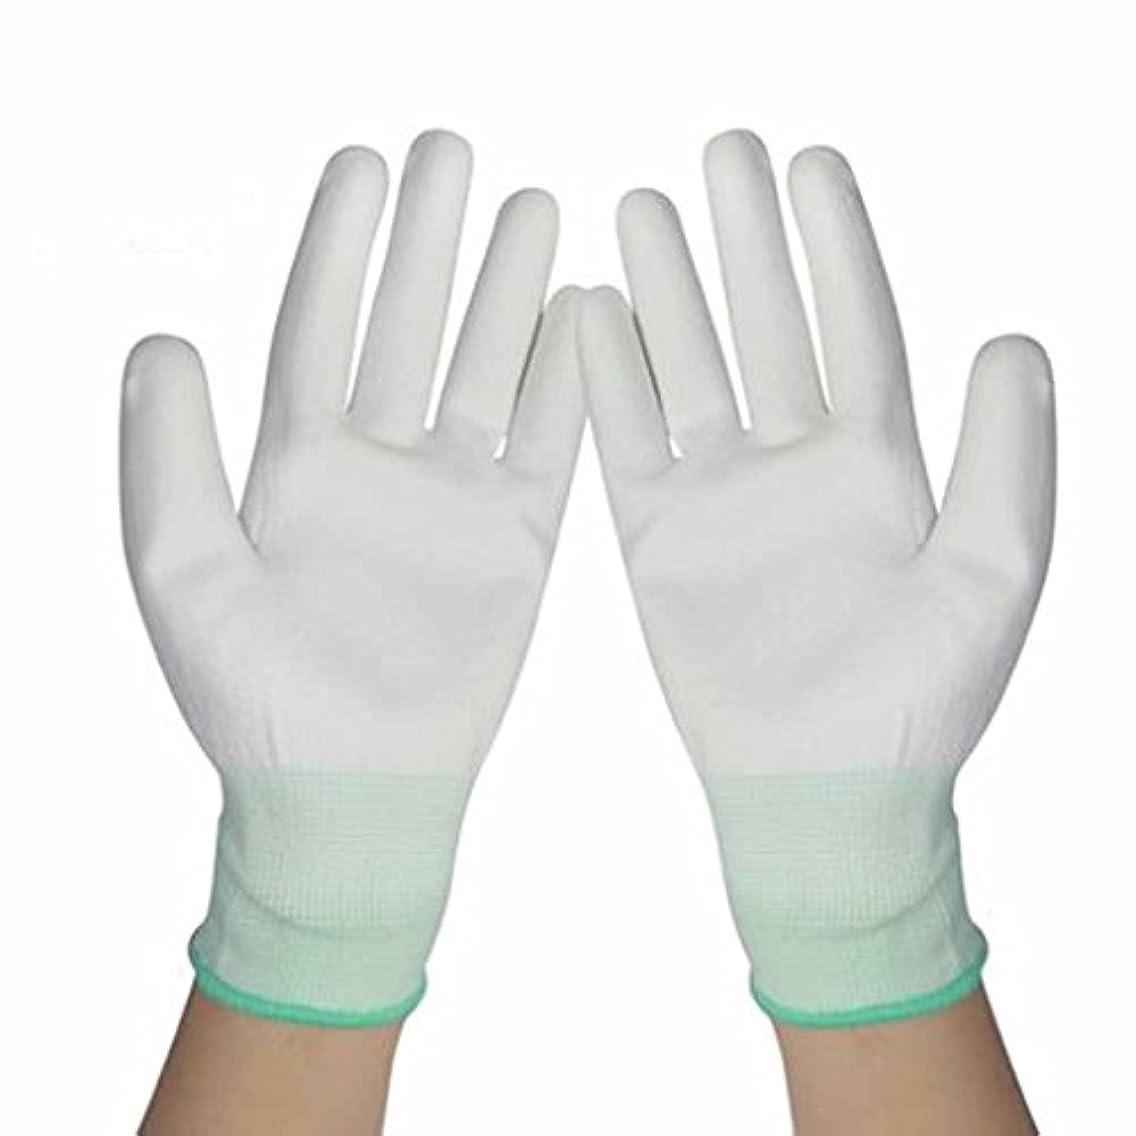 確実トランペットシャワー使い捨て手袋 労働保険の保護ナイロン浸漬手袋防塵の帯電防止通気性耐摩耗手袋 (Size : 40 pairs)